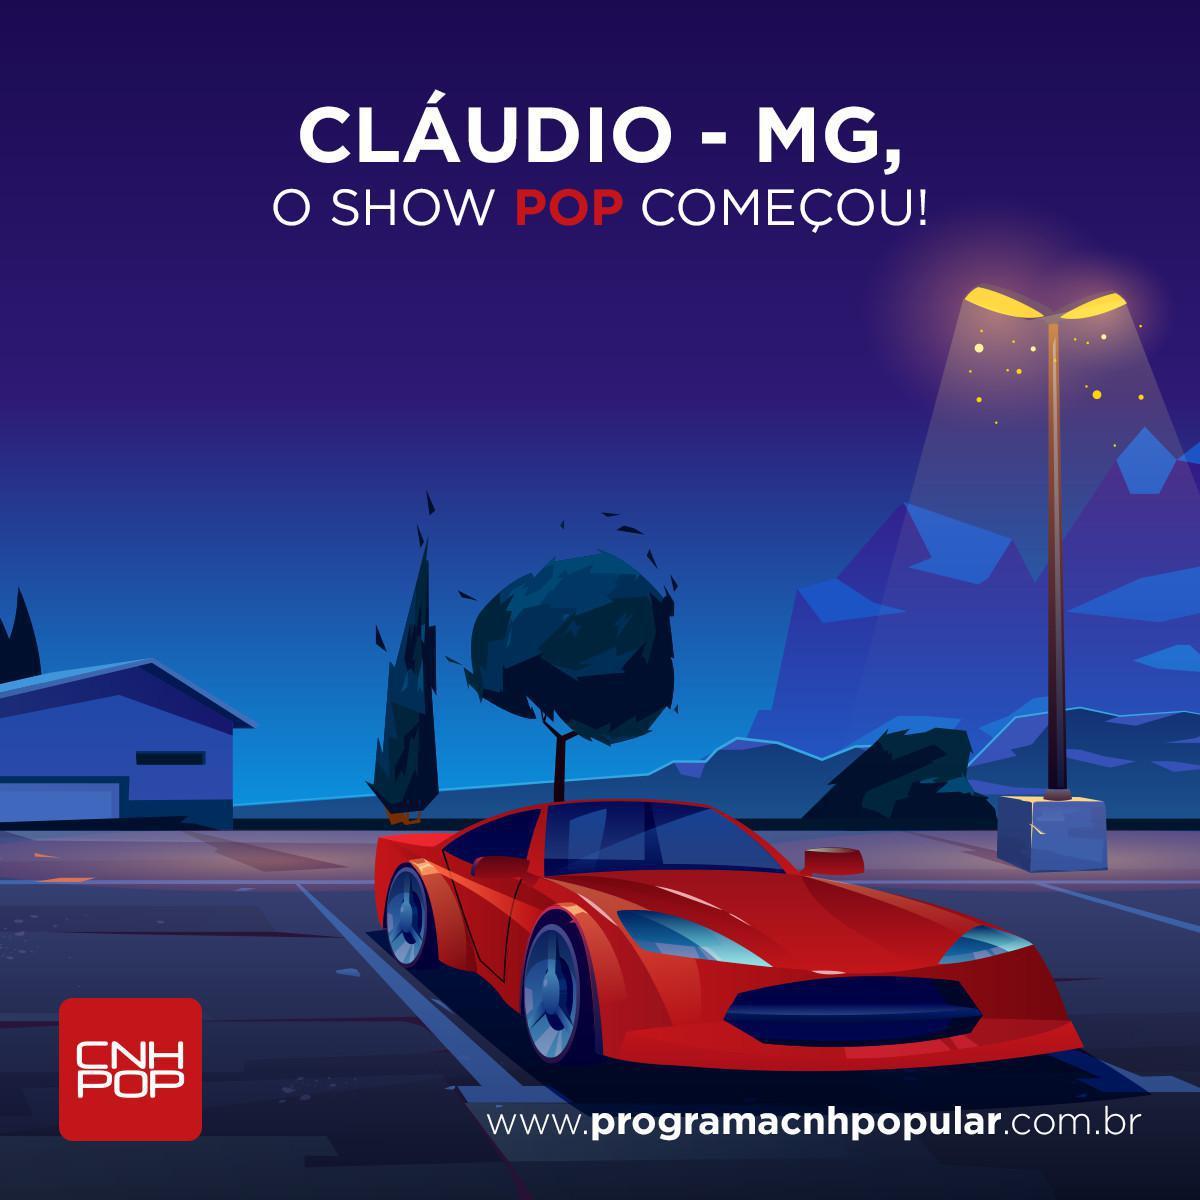 AMANHÃ, ÚLTIMO DIA DE MATRÍCULAS CLÁUDIO!